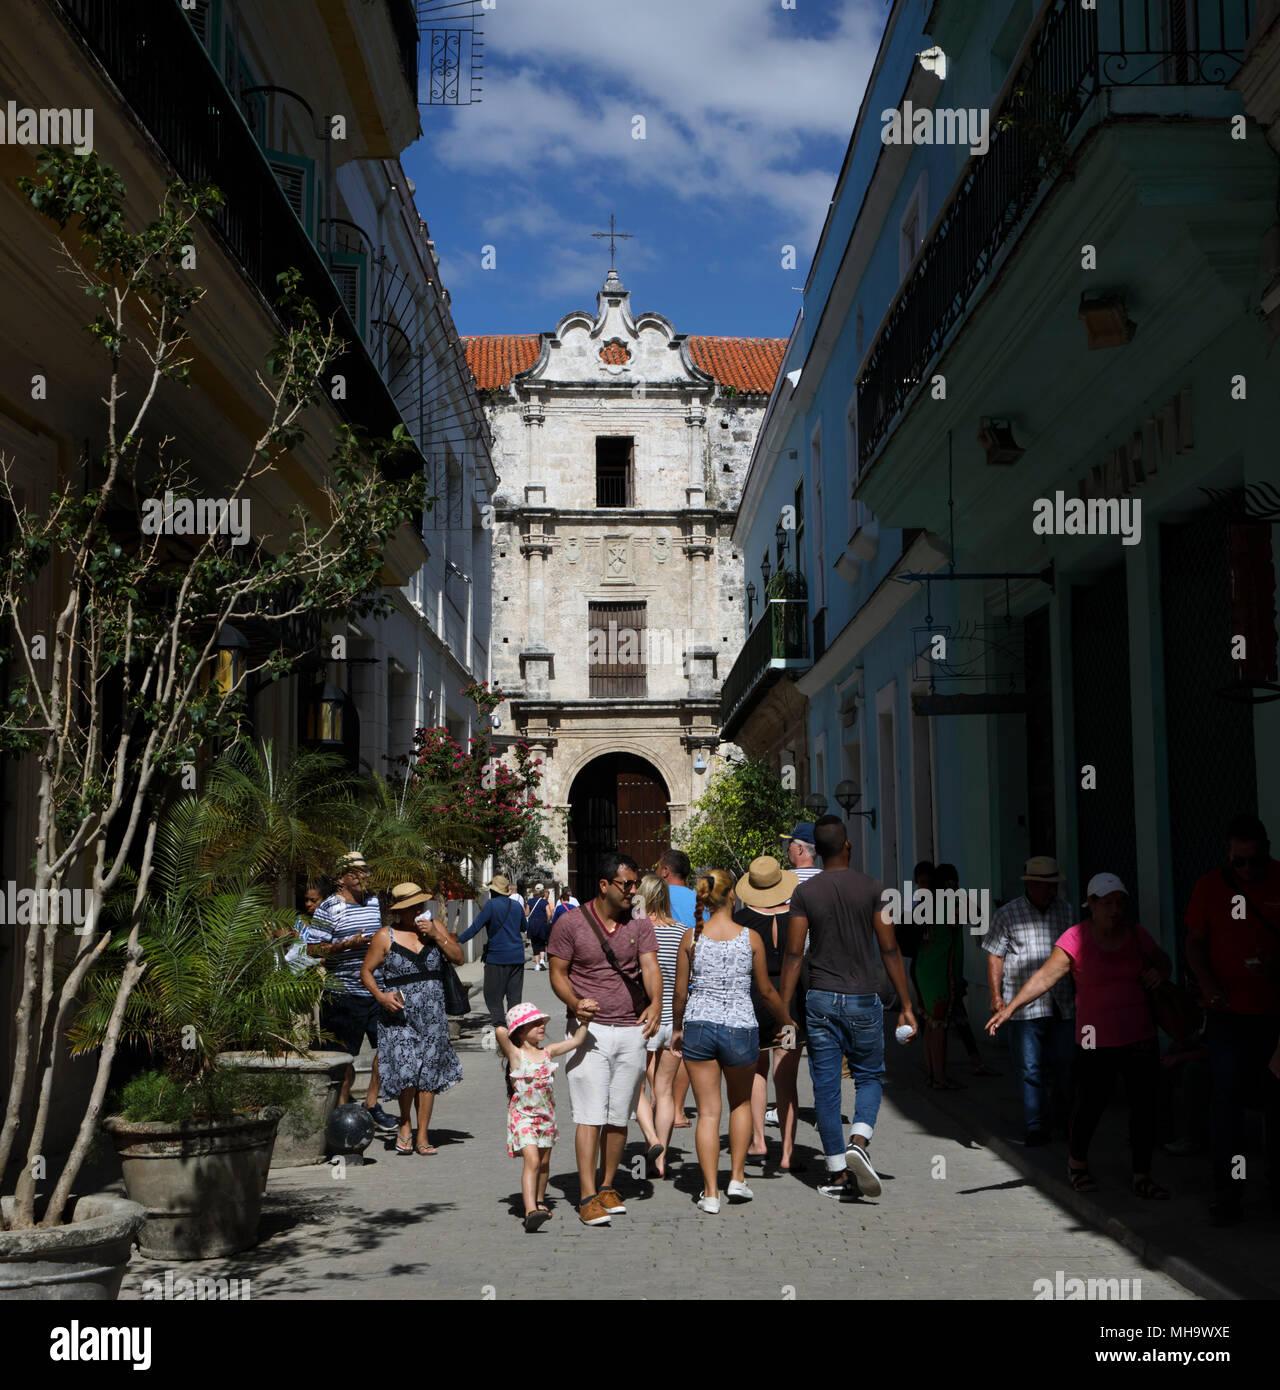 Tourists walk down Teniente Rey street in the historic neighborhood of Havana Vieja in Havana, Cuba. - Stock Image